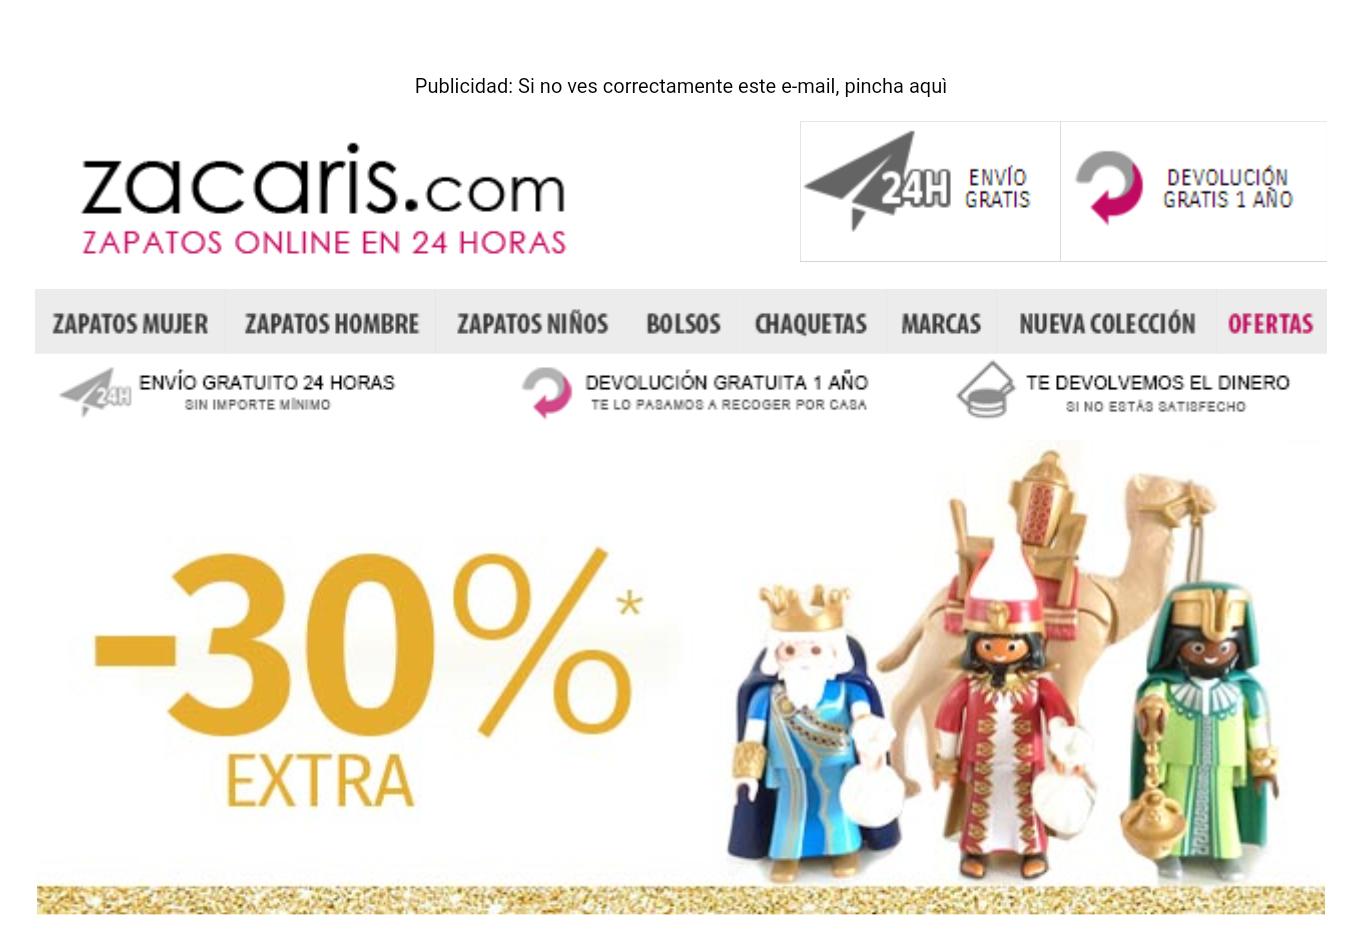 ZACARIS: 30% DTO. EXTRA + Ofertas hasta el 70% Dto.